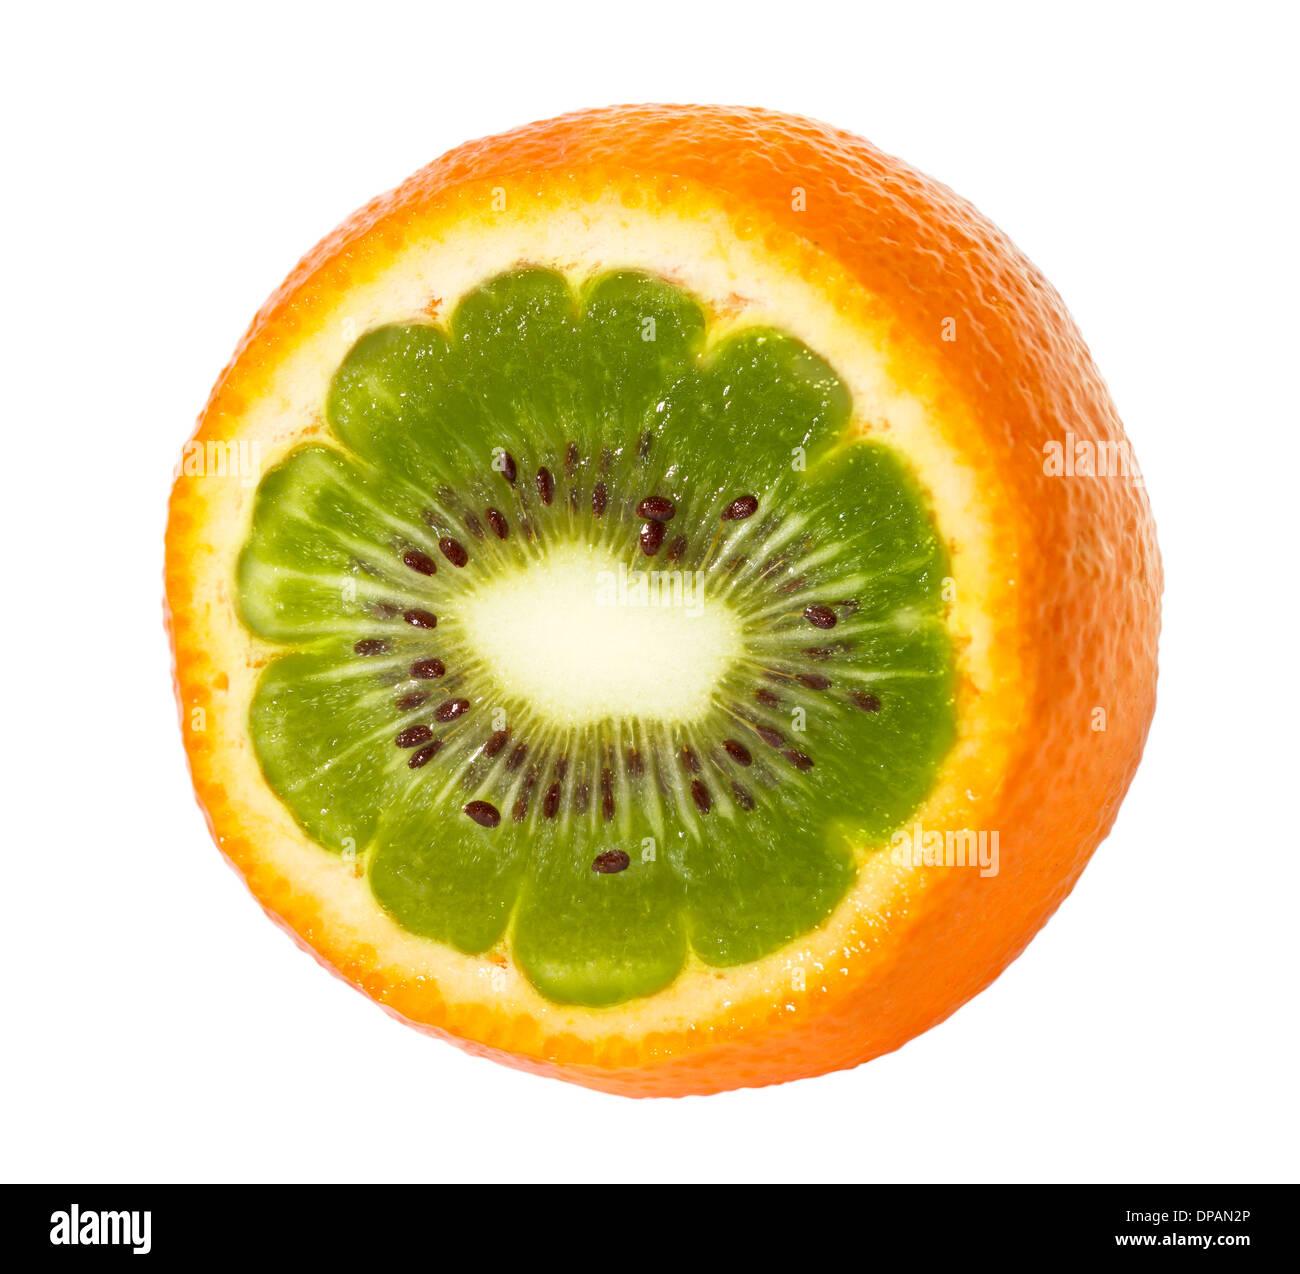 Orange kiwi abstract design. Isolated on white. - Stock Image